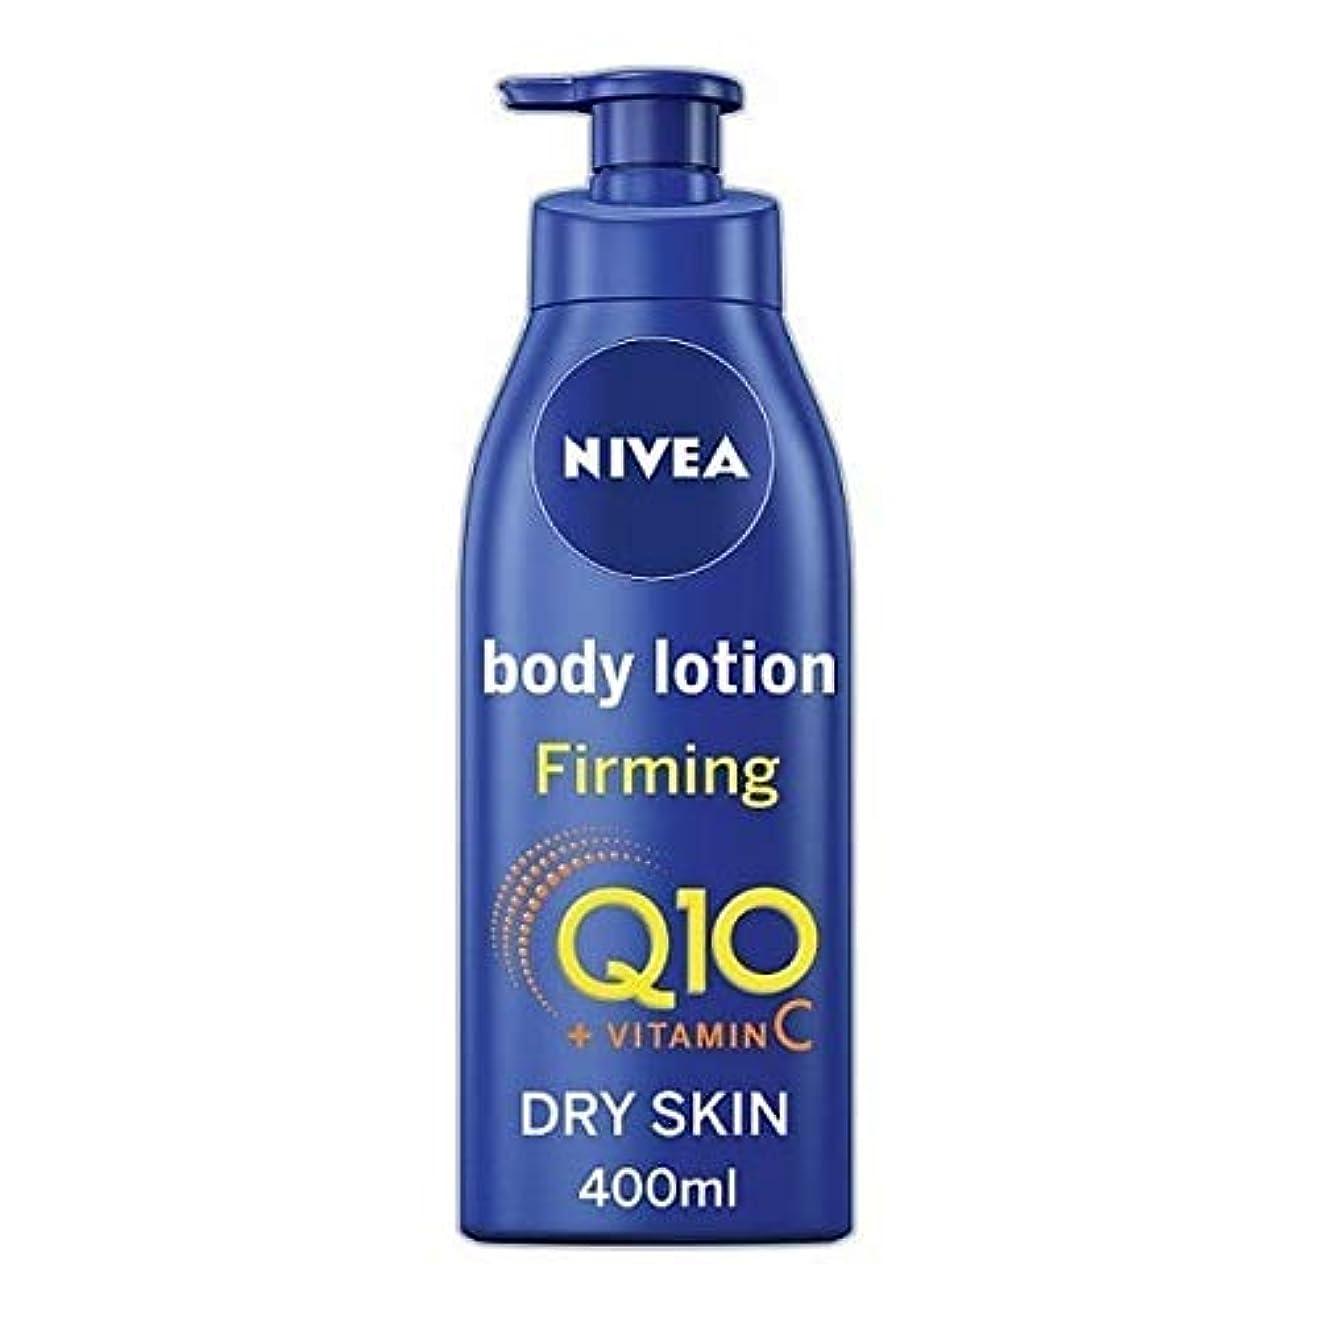 検出可能和かろうじて[Nivea ] 乾燥肌、400ミリリットルのためのニベアQ10ビタミンCファーミングボディローション - NIVEA Q10 Vitamin C Firming Body Lotion for Dry Skin, 400ml [並行輸入品]